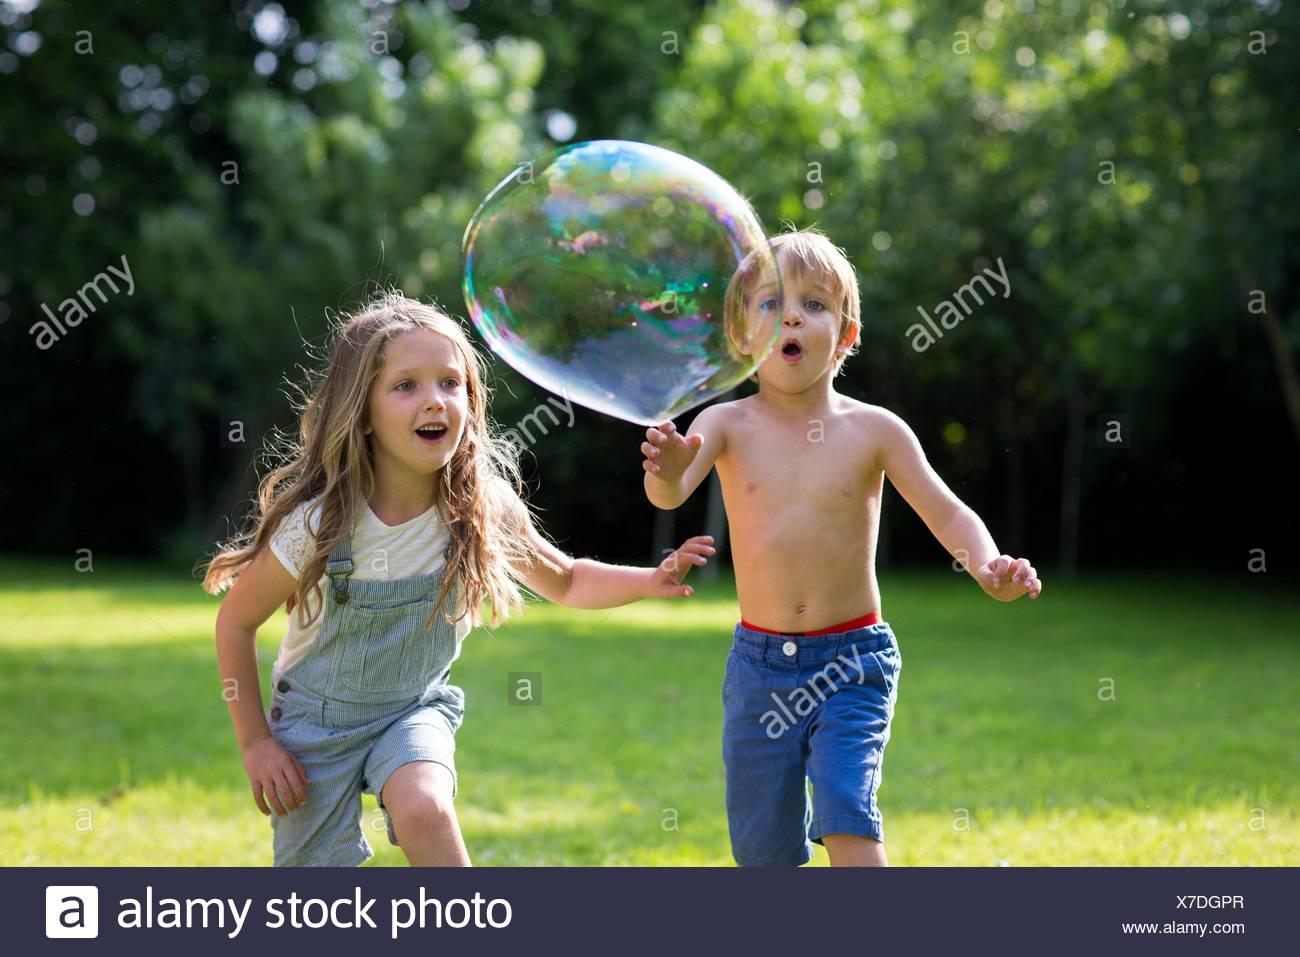 Proprietà rilasciato. Modello rilasciato. Fratello e Sorella a caccia di bolle nel giardino. Immagini Stock